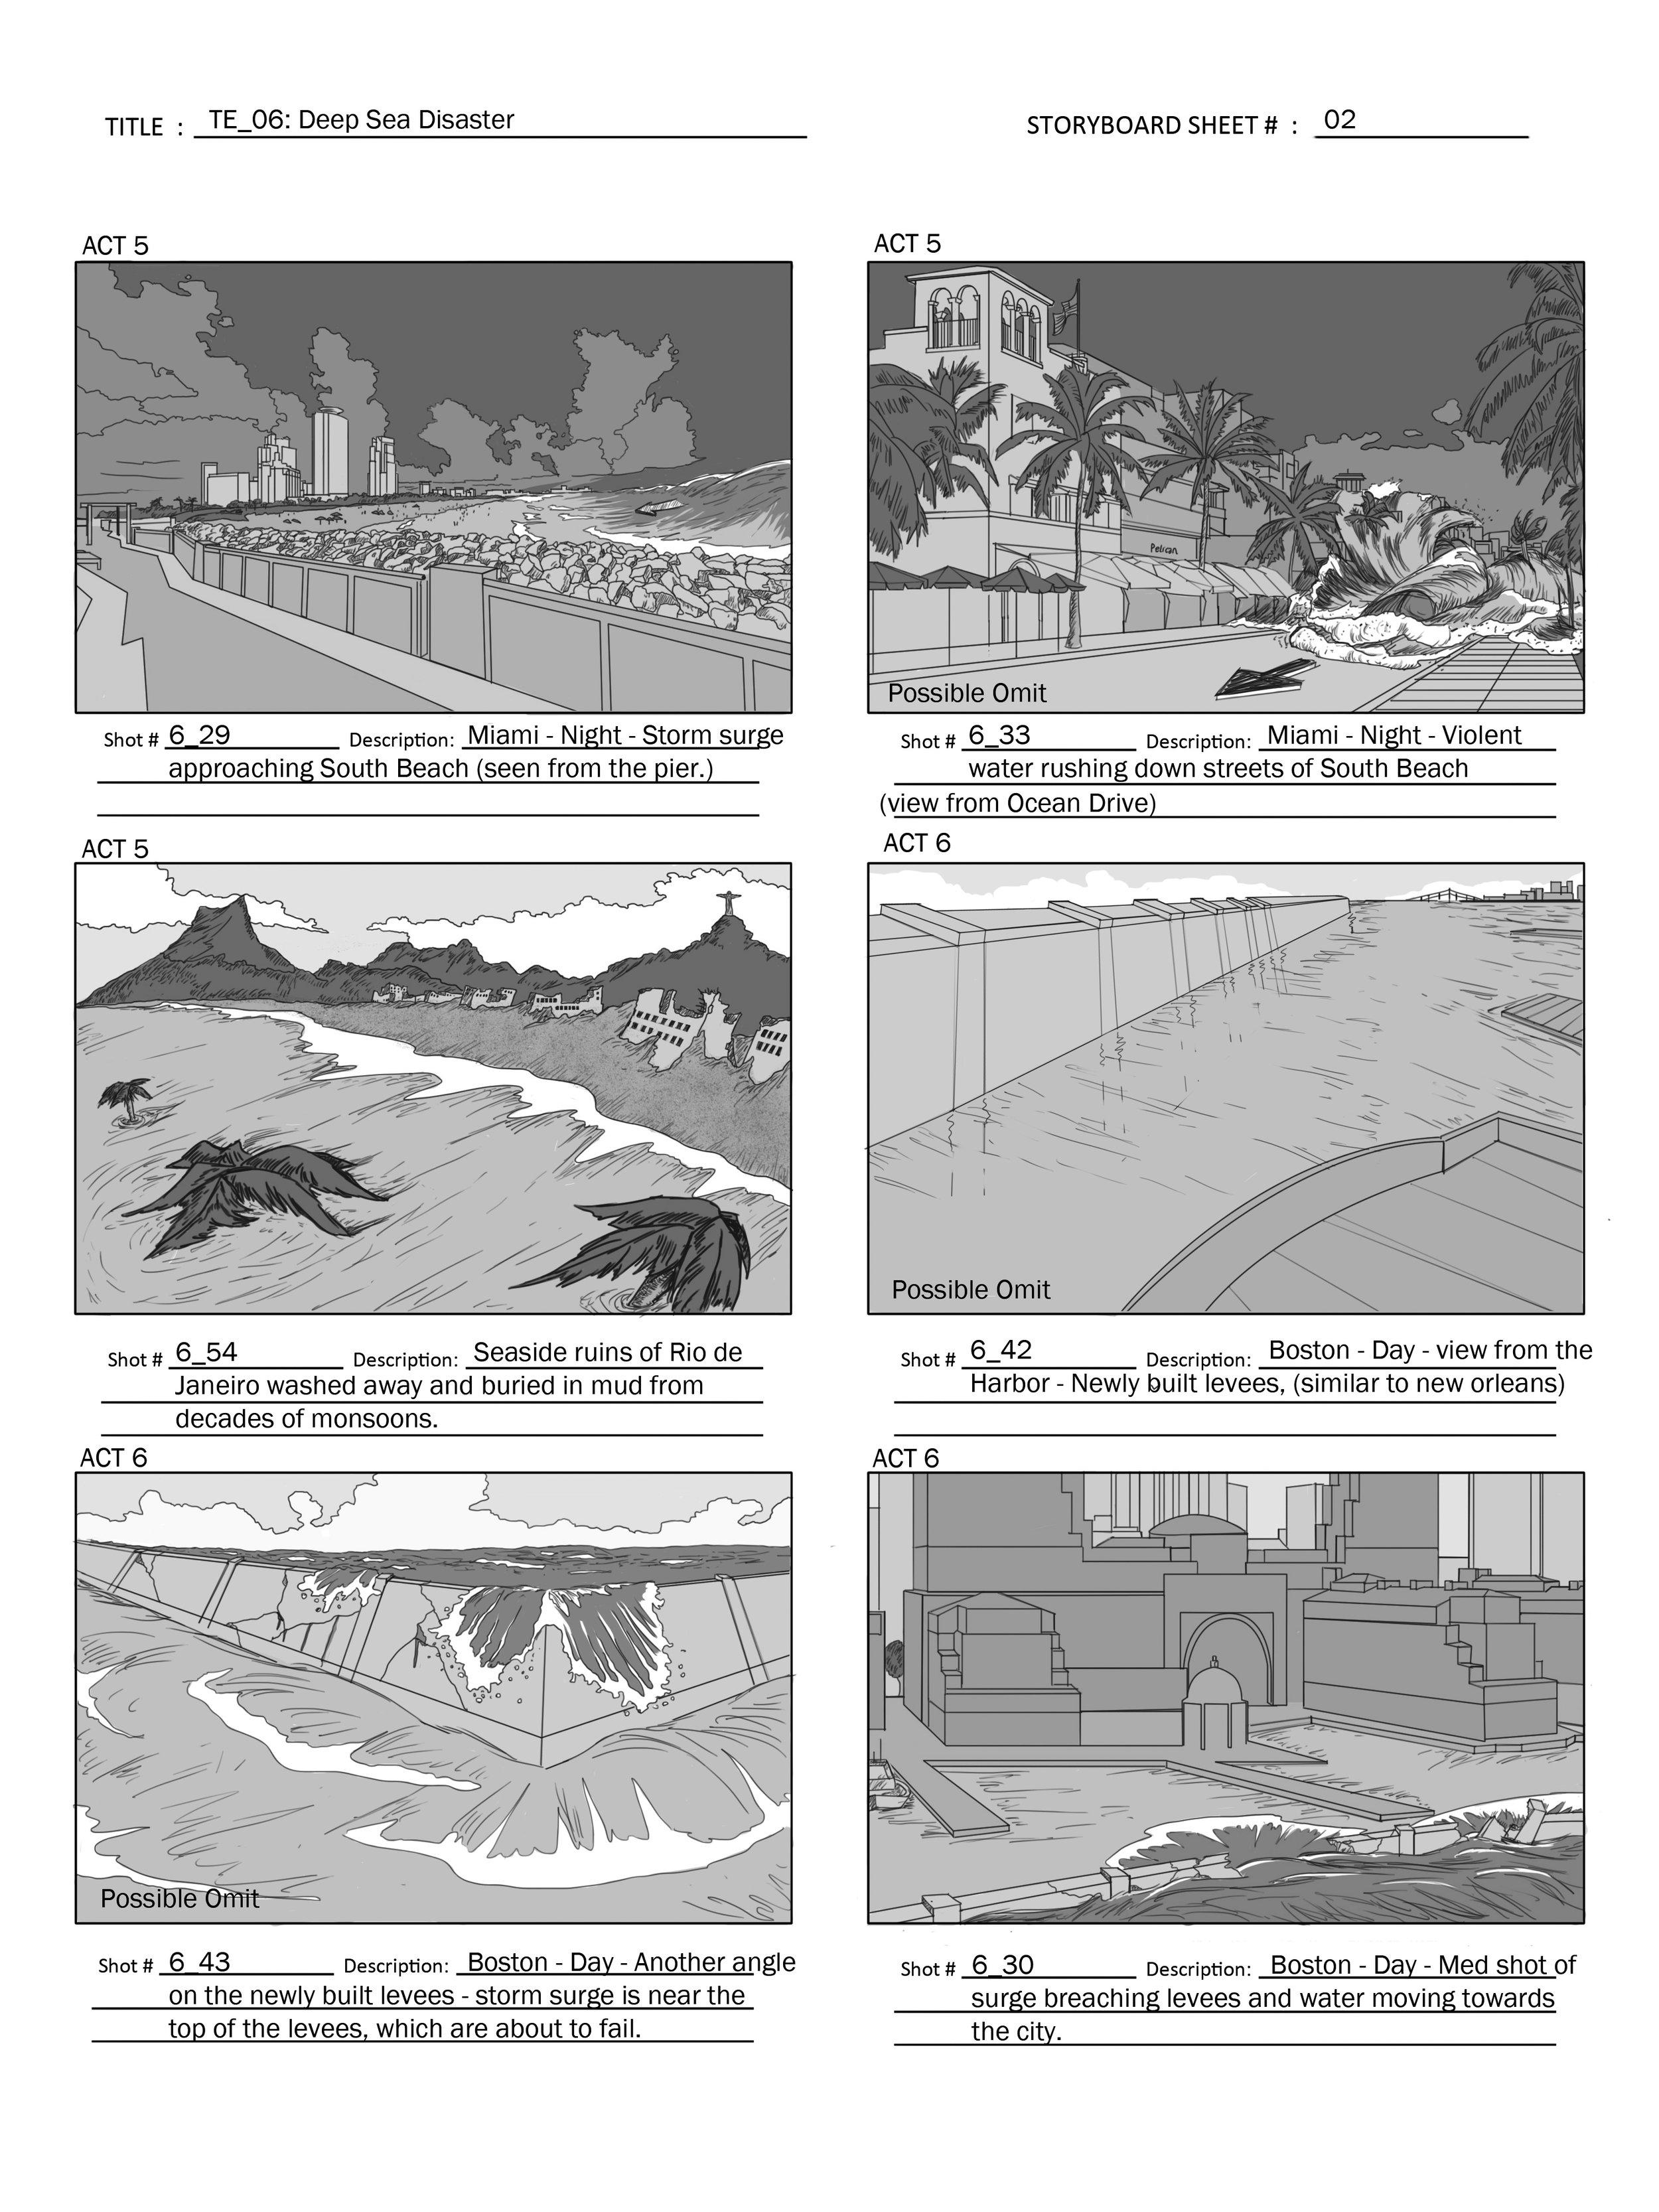 TE06_DSD Storyboard digital revision_pg2.jpg